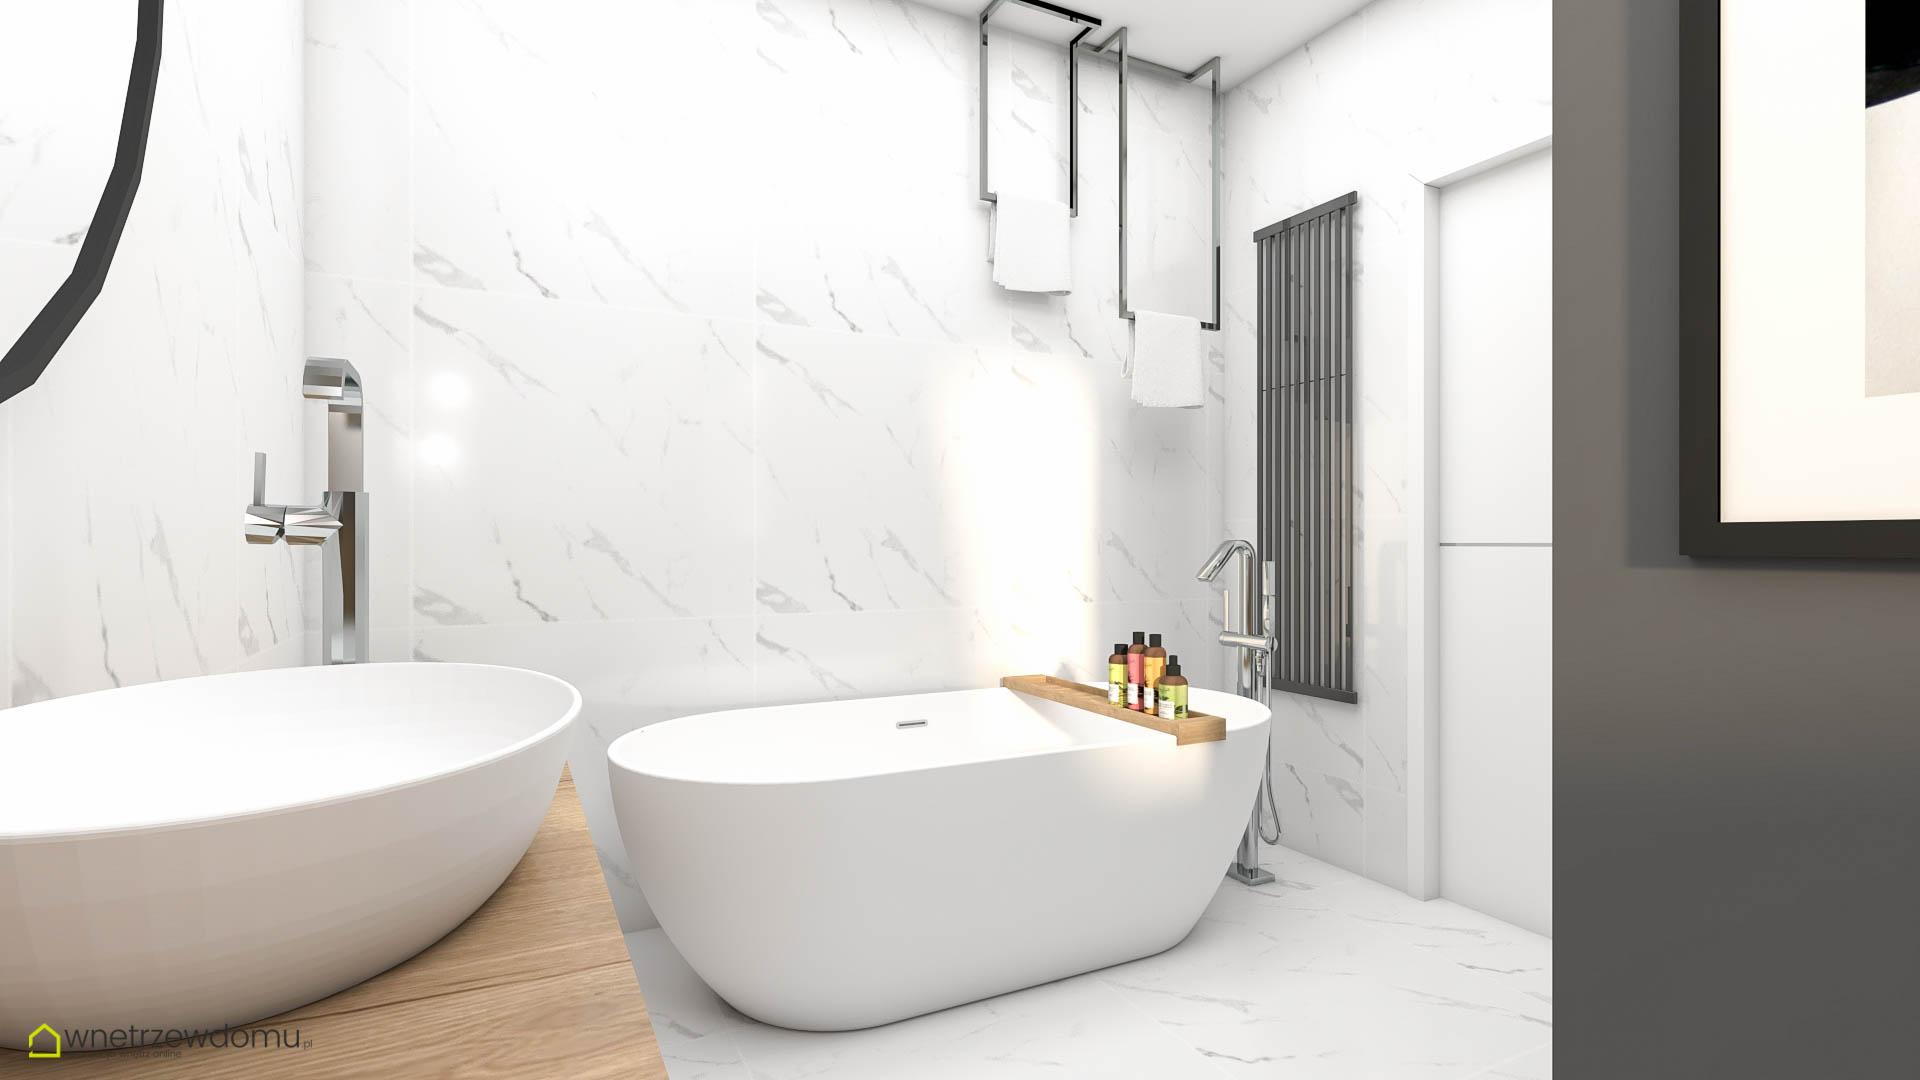 wiz-004 łazienka wnetrzewdomu